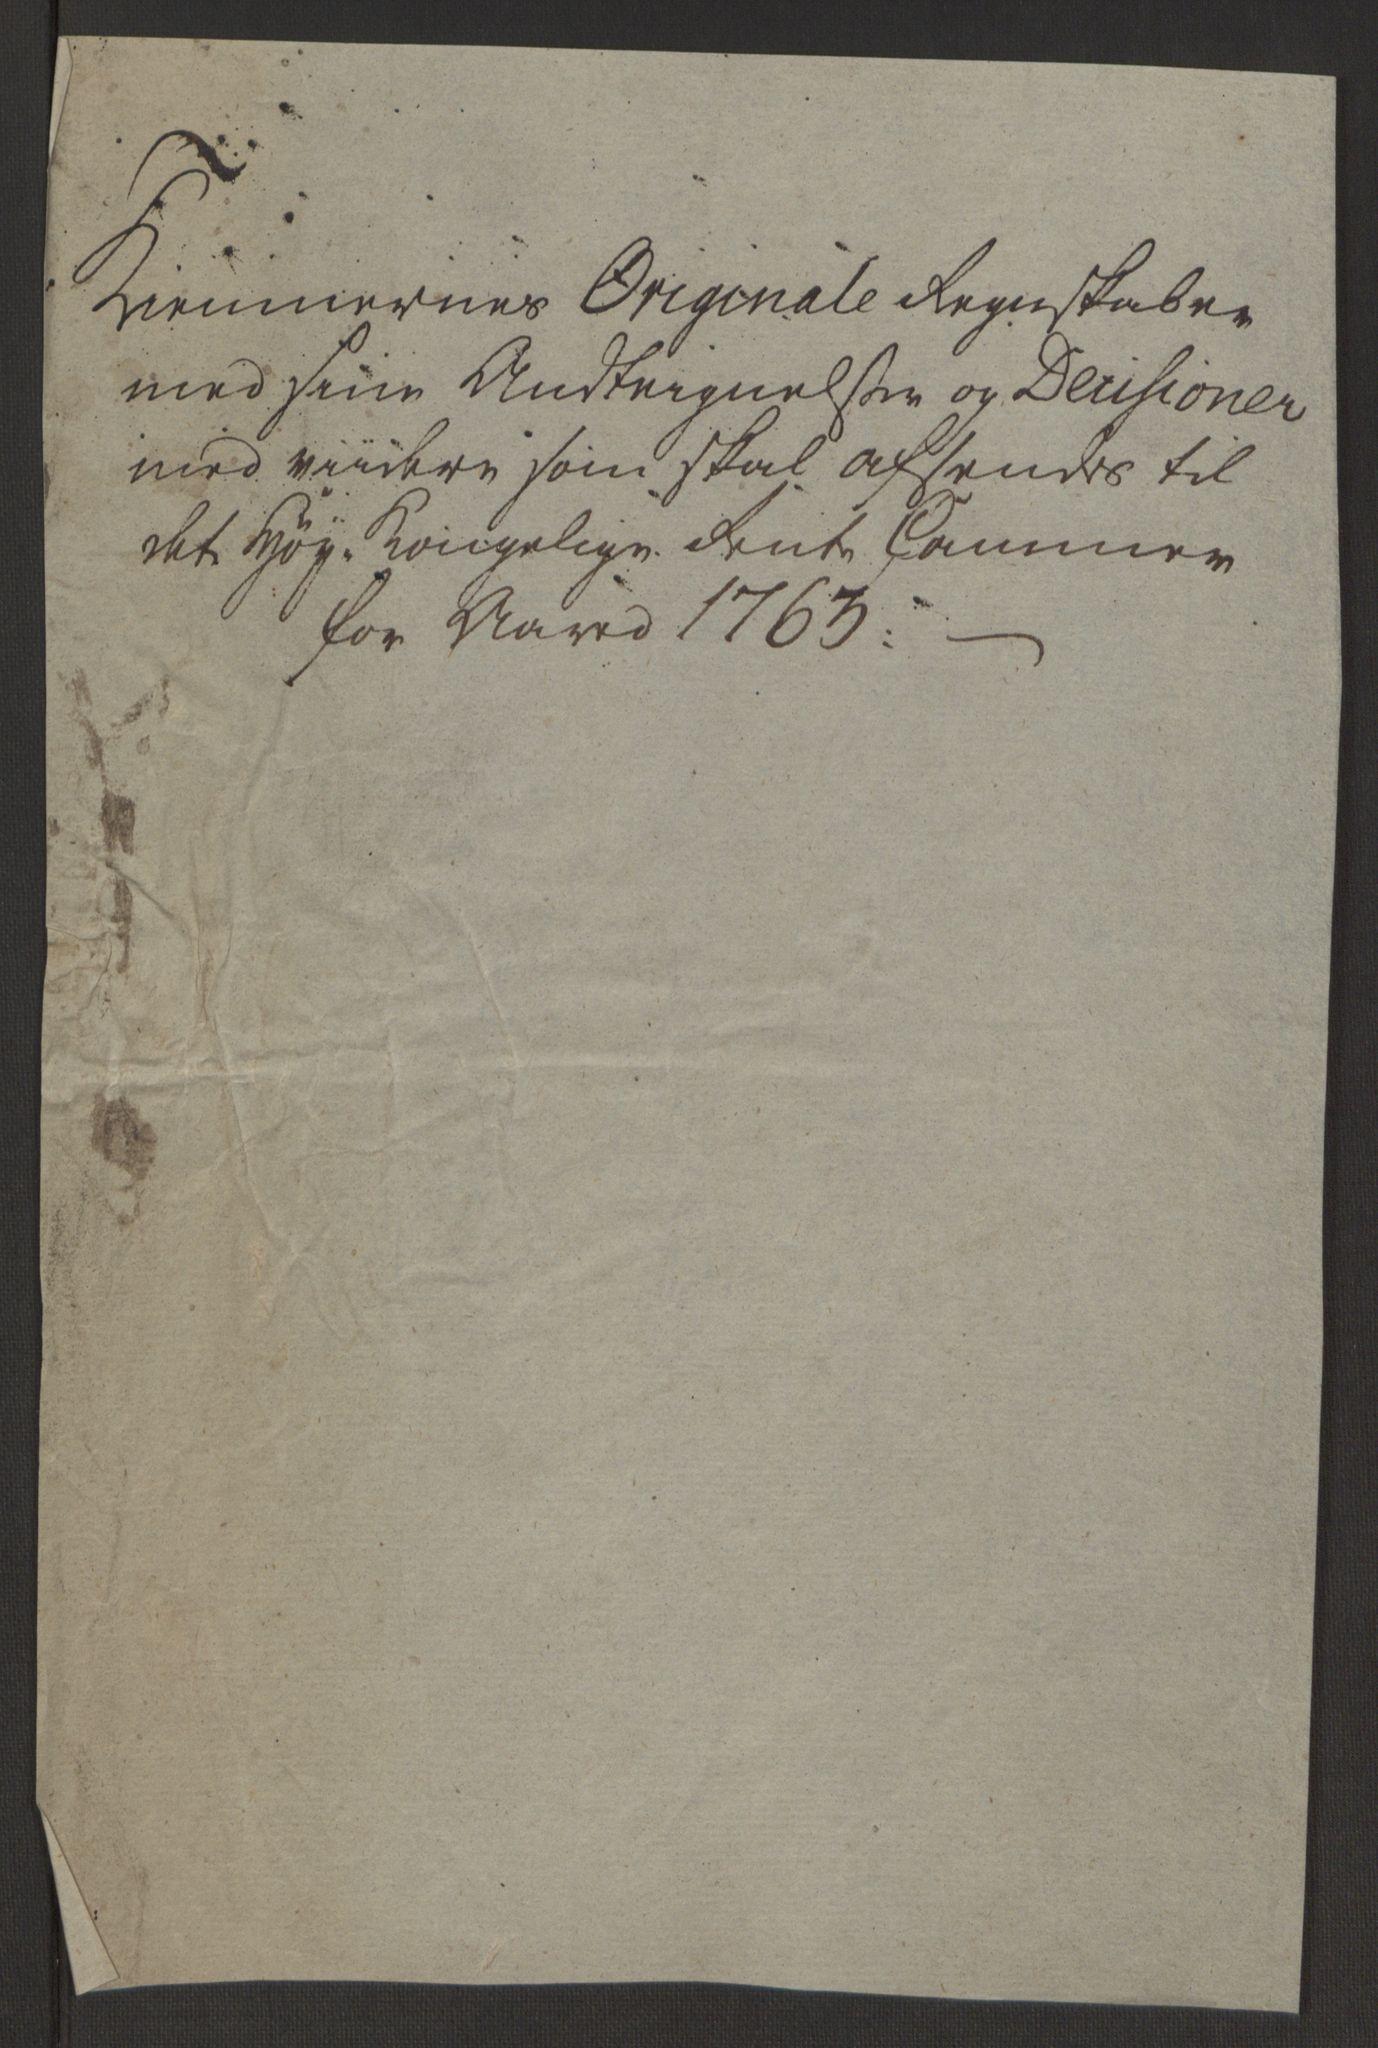 RA, Rentekammeret inntil 1814, Reviderte regnskaper, Byregnskaper, R/Rp/L0366: [P20] Kontribusjonsregnskap, 1763, s. 10